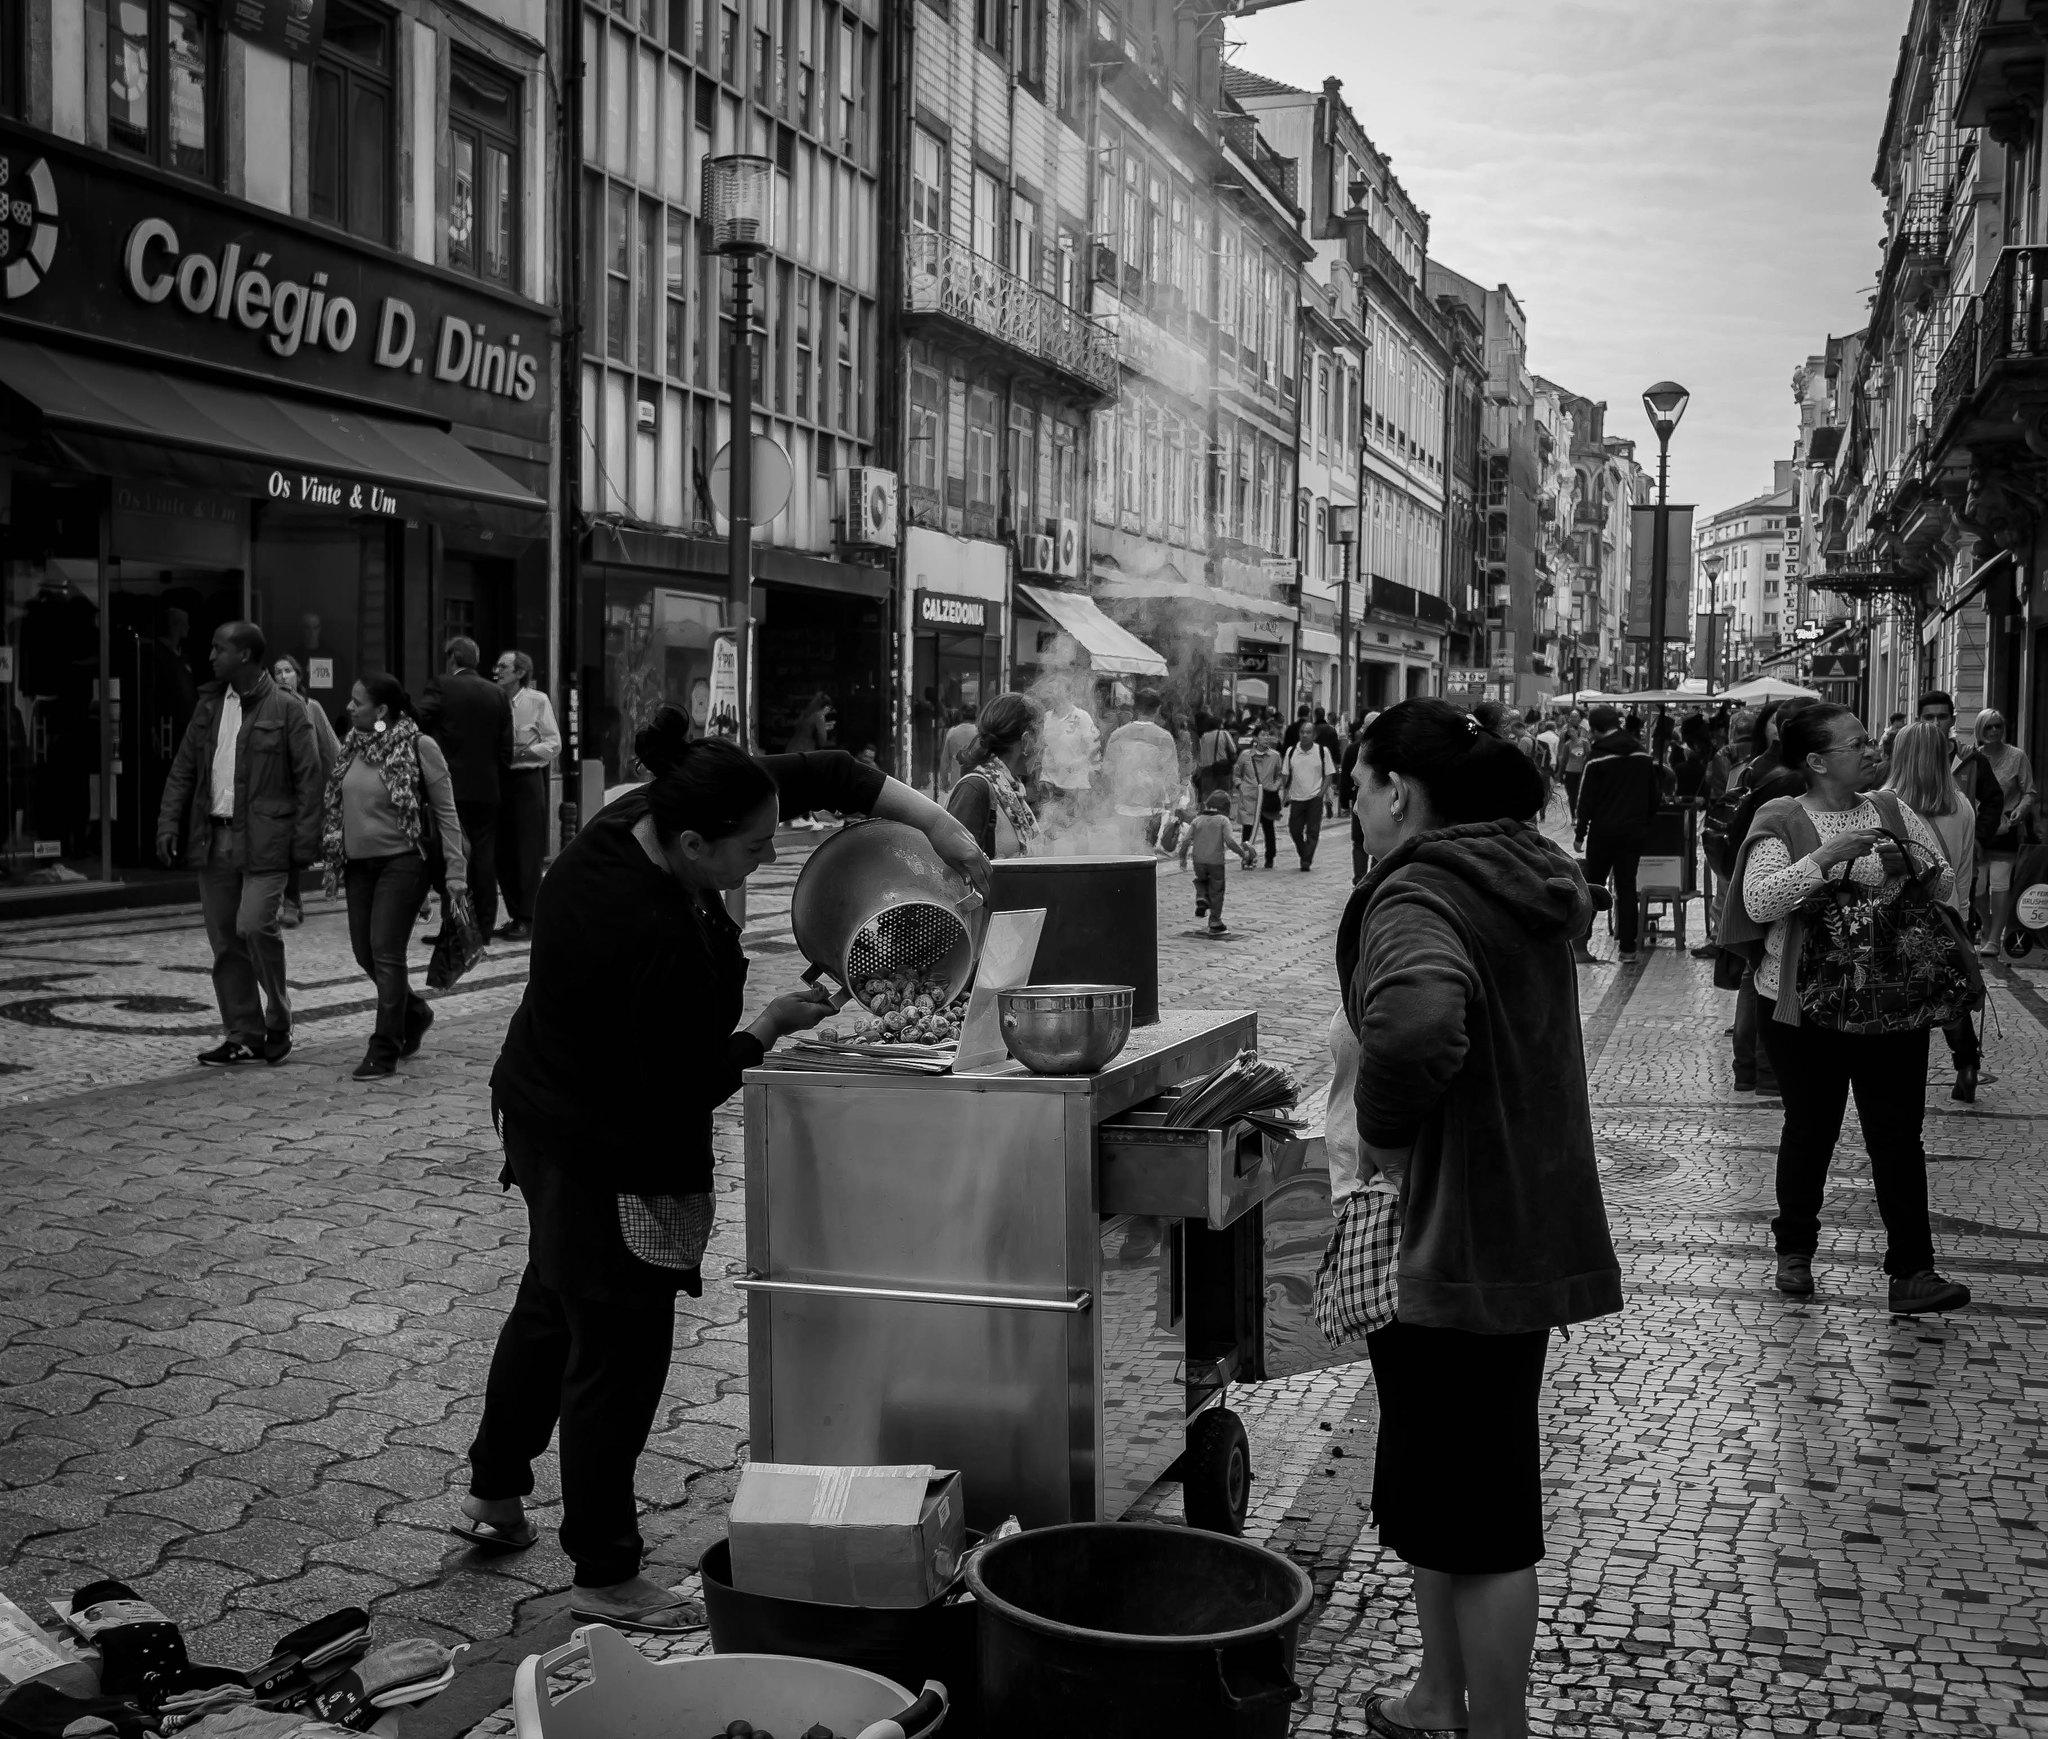 vendedores de castanhas na rua